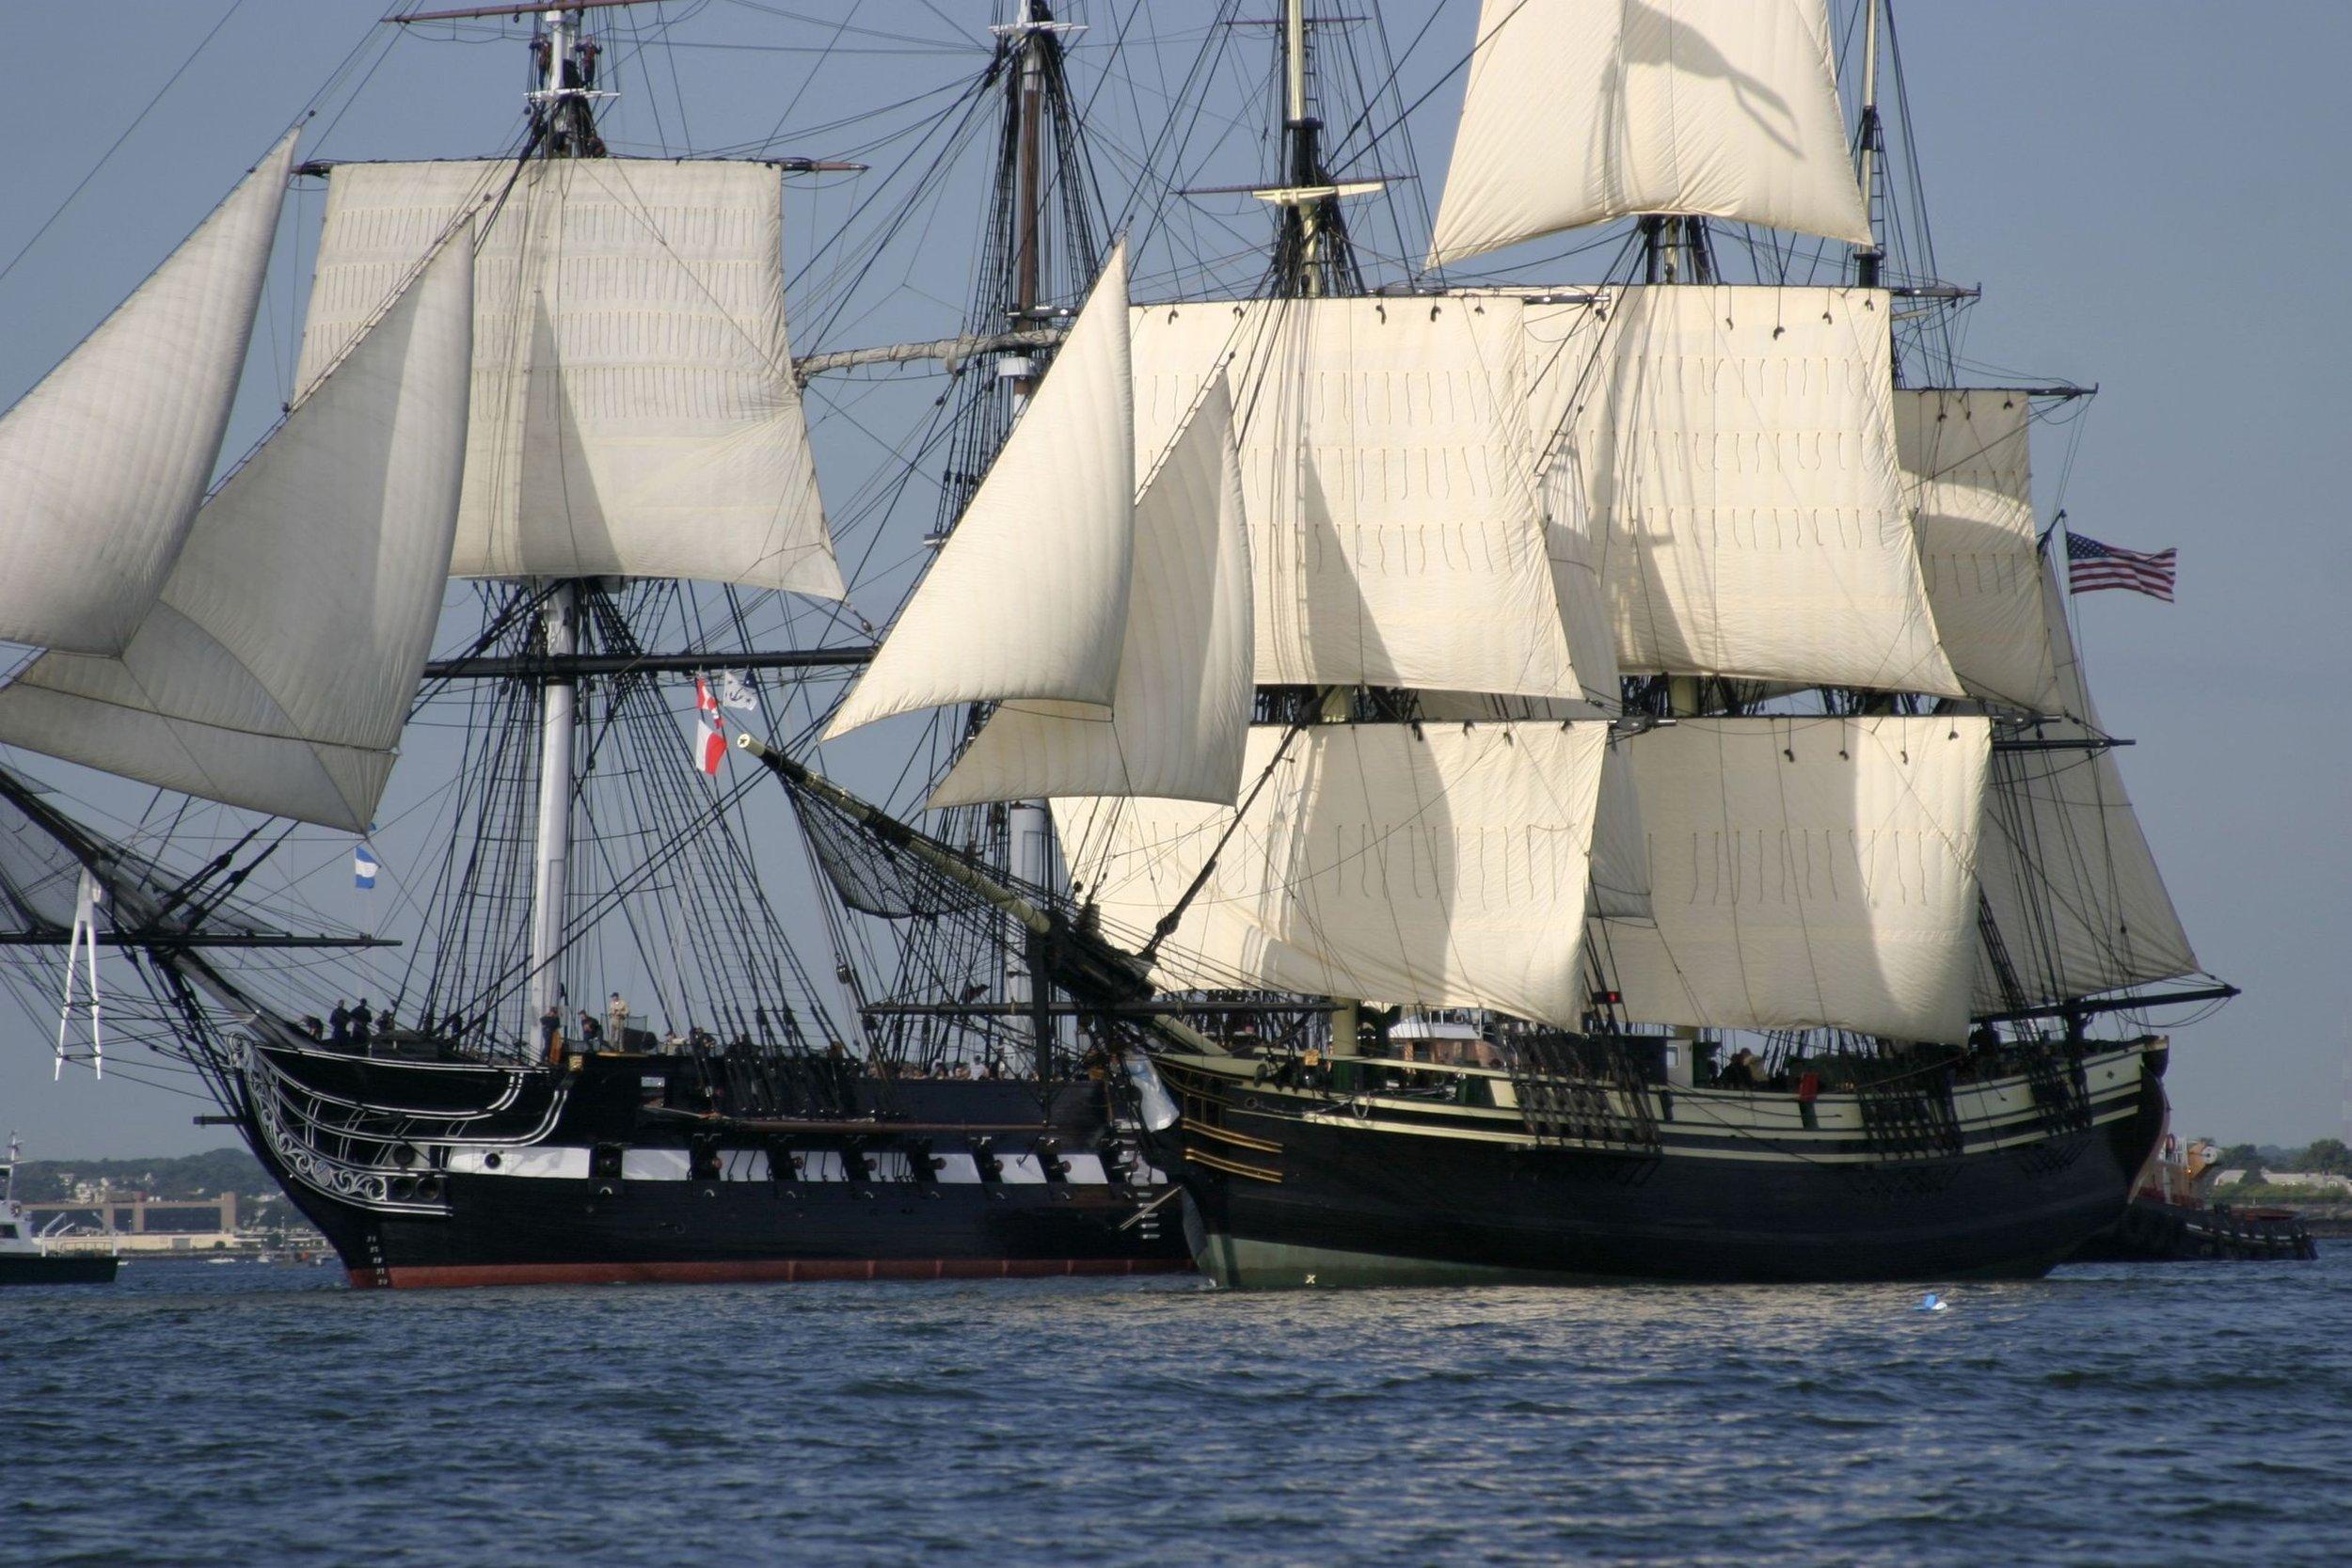 USS Constitution FULL SIZE.jpg